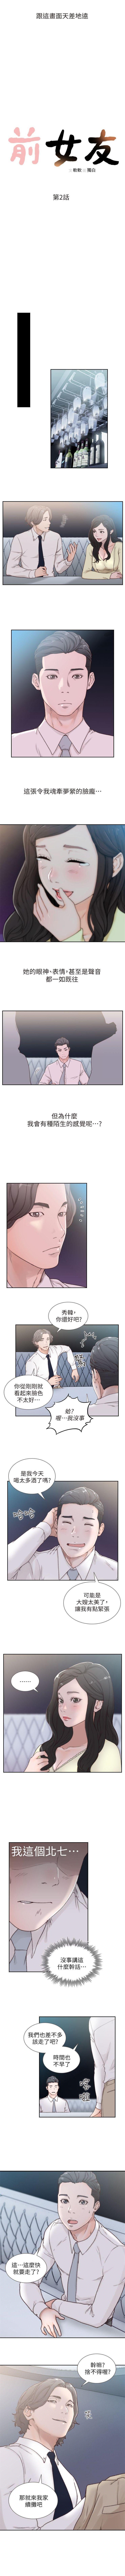 前女友 1-48 中文翻译(更新中) 8